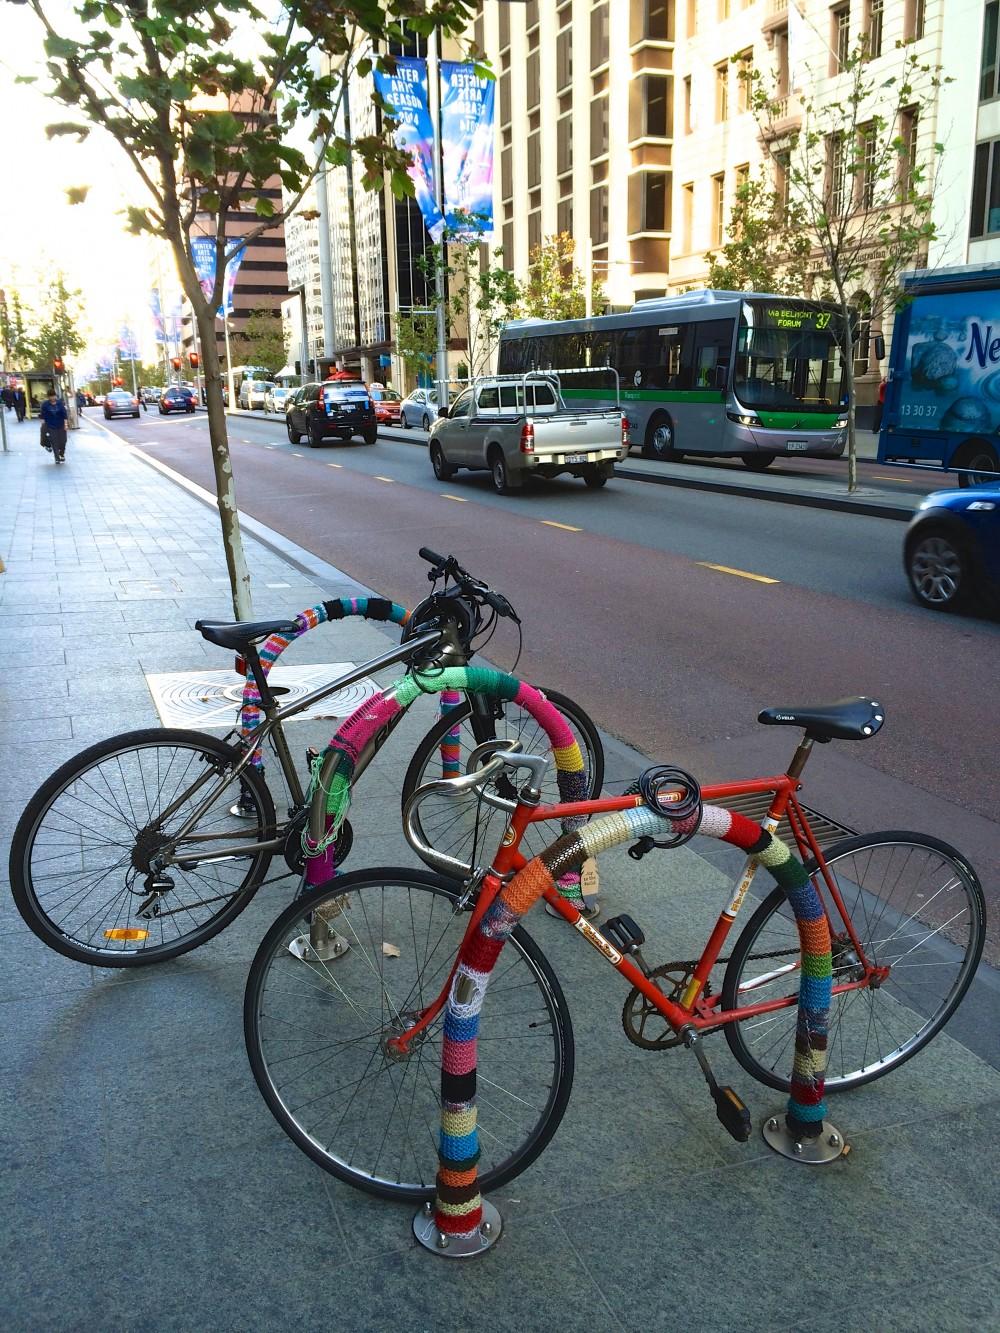 オシャレな街並み。街中のいたるところで、オシャレに停められた自転車を発見。パースは「アートの街」とも言われており、たくさんのオブジェなども目にすることができる